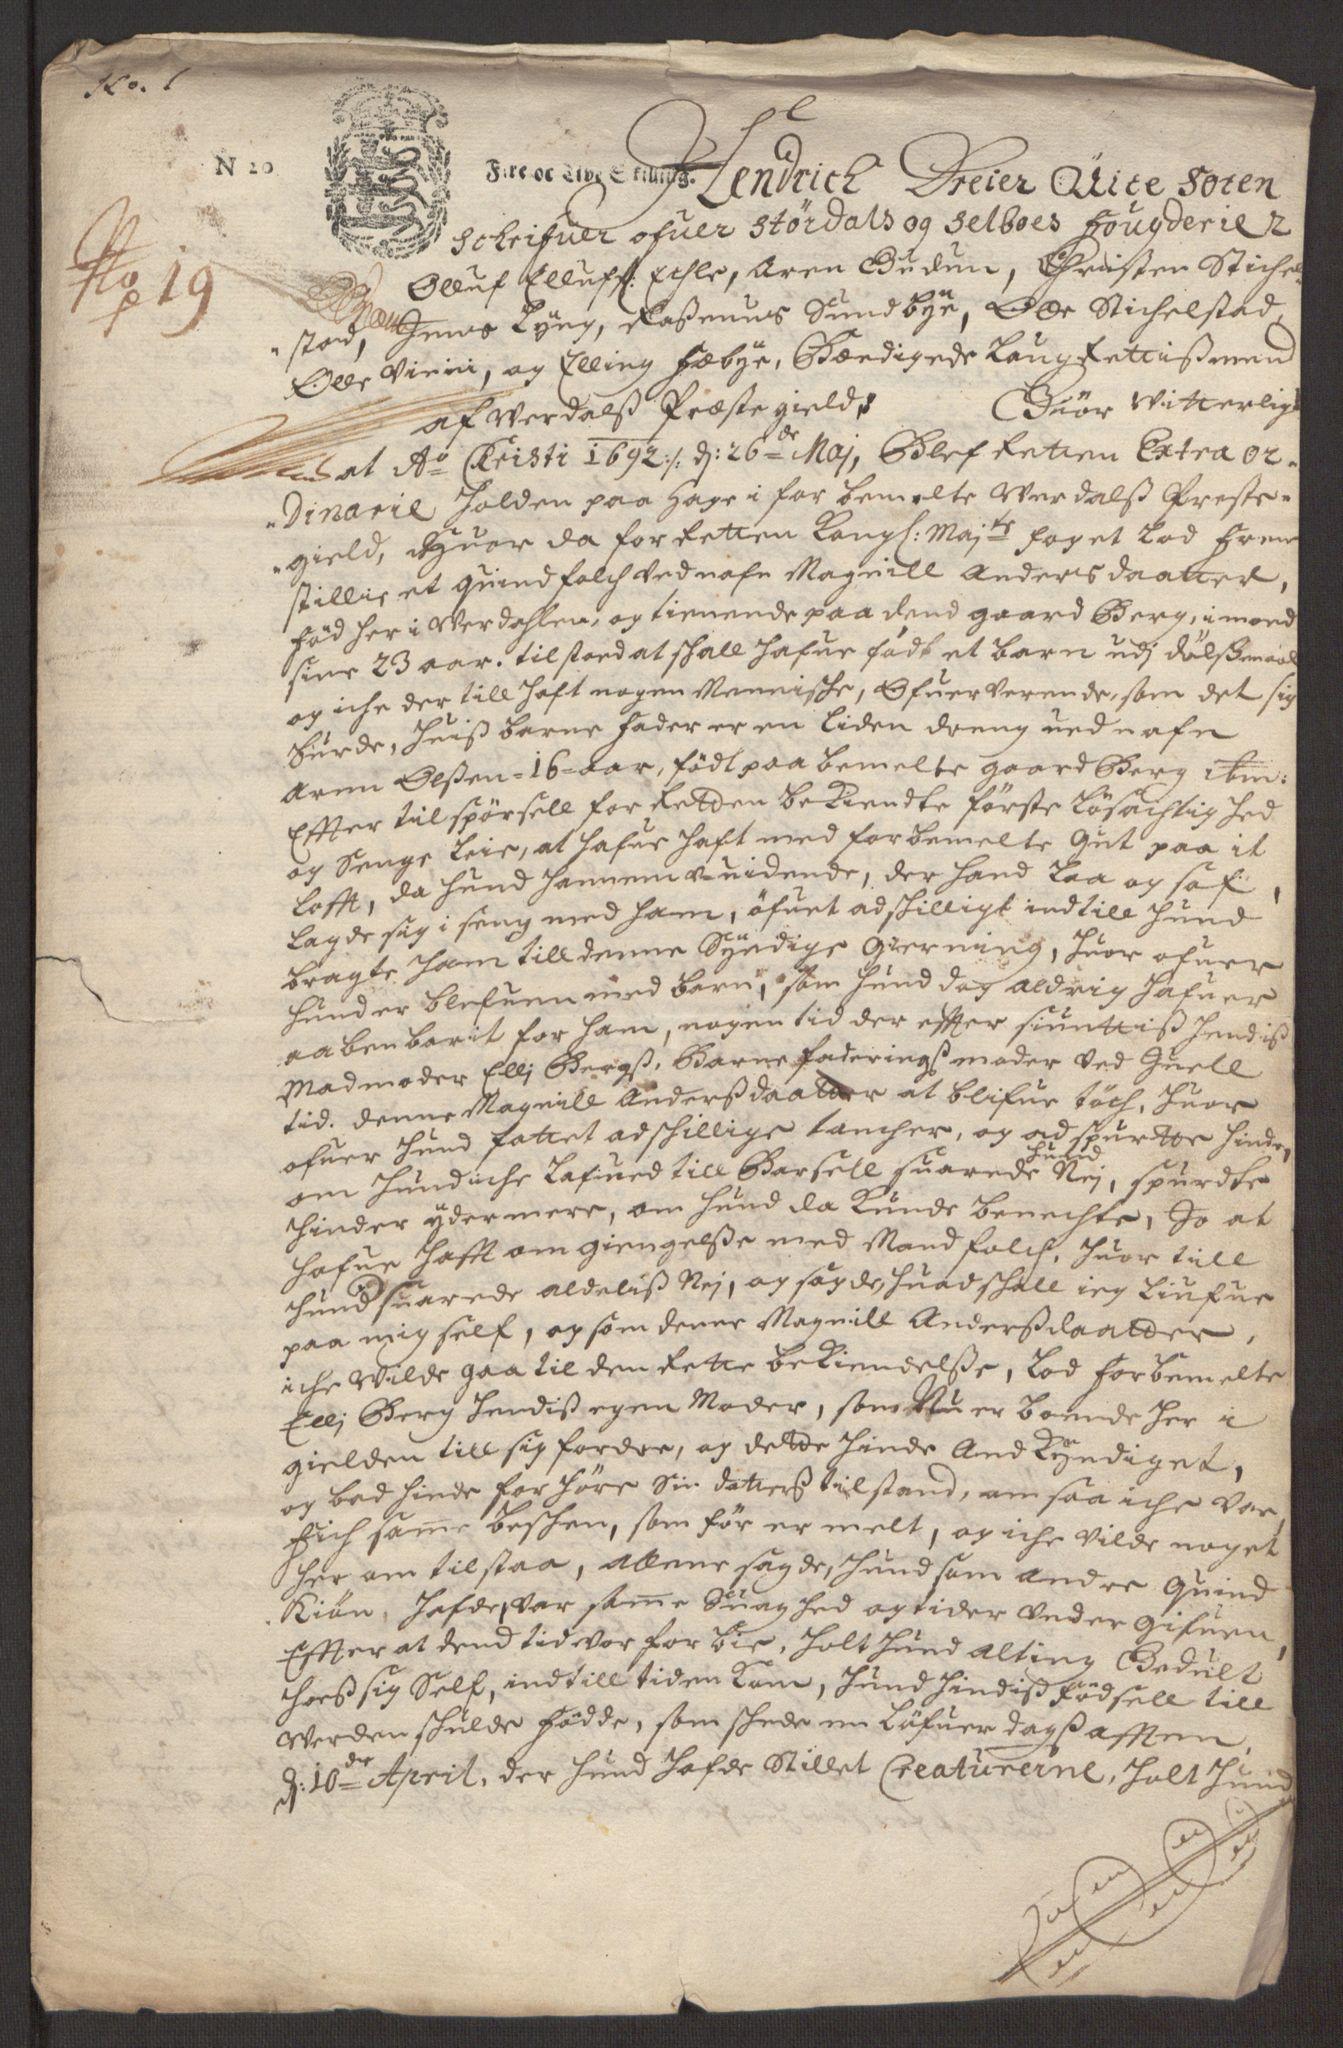 RA, Rentekammeret inntil 1814, Reviderte regnskaper, Fogderegnskap, R62/L4185: Fogderegnskap Stjørdal og Verdal, 1692, s. 333